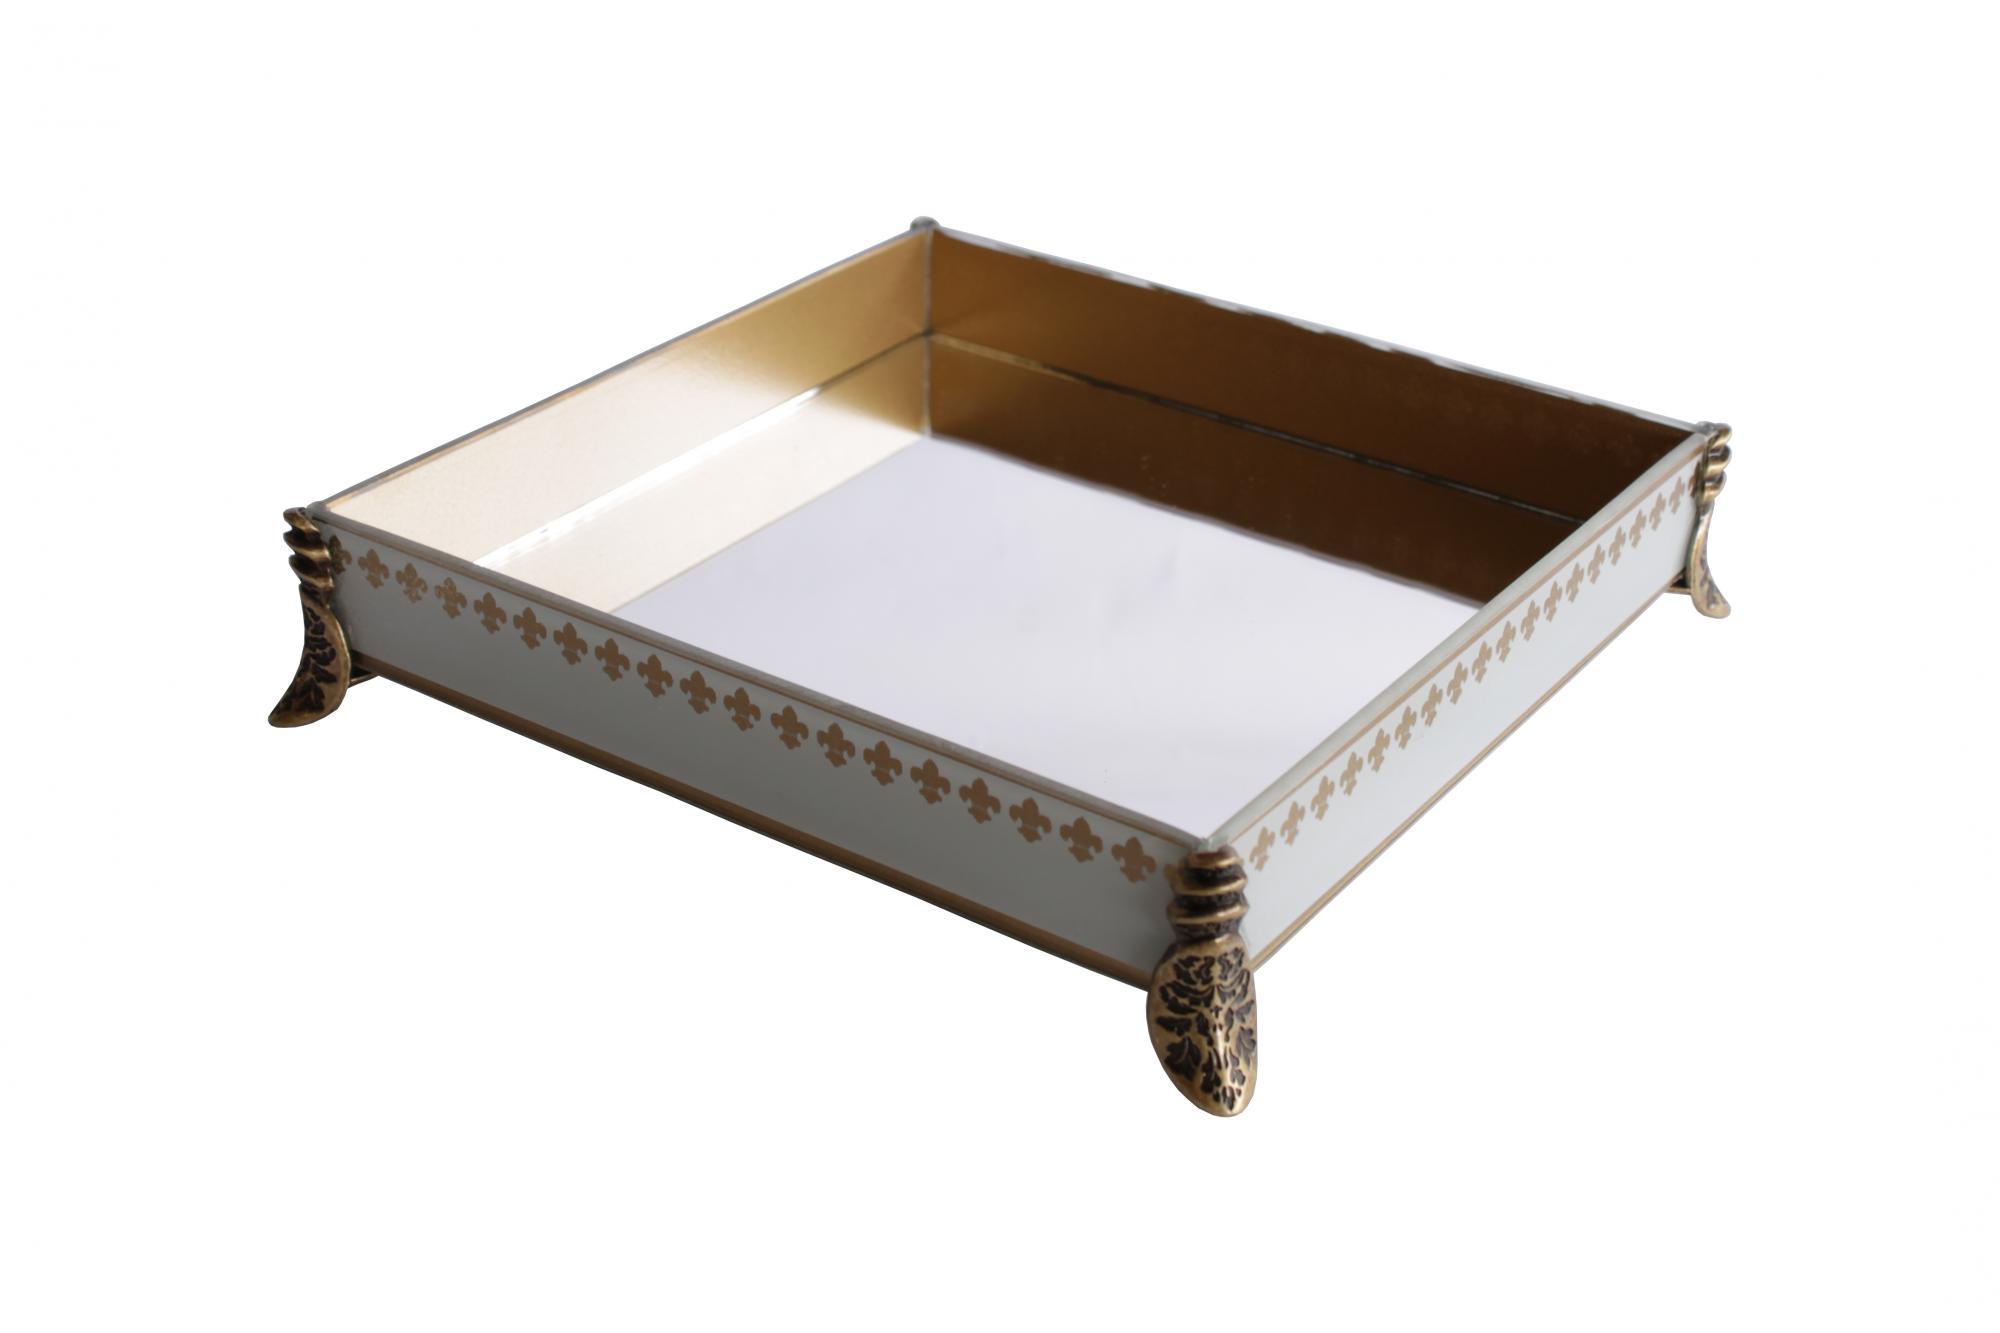 Caixa Quadrada Pequena Flor de Lis Branca/Dourada